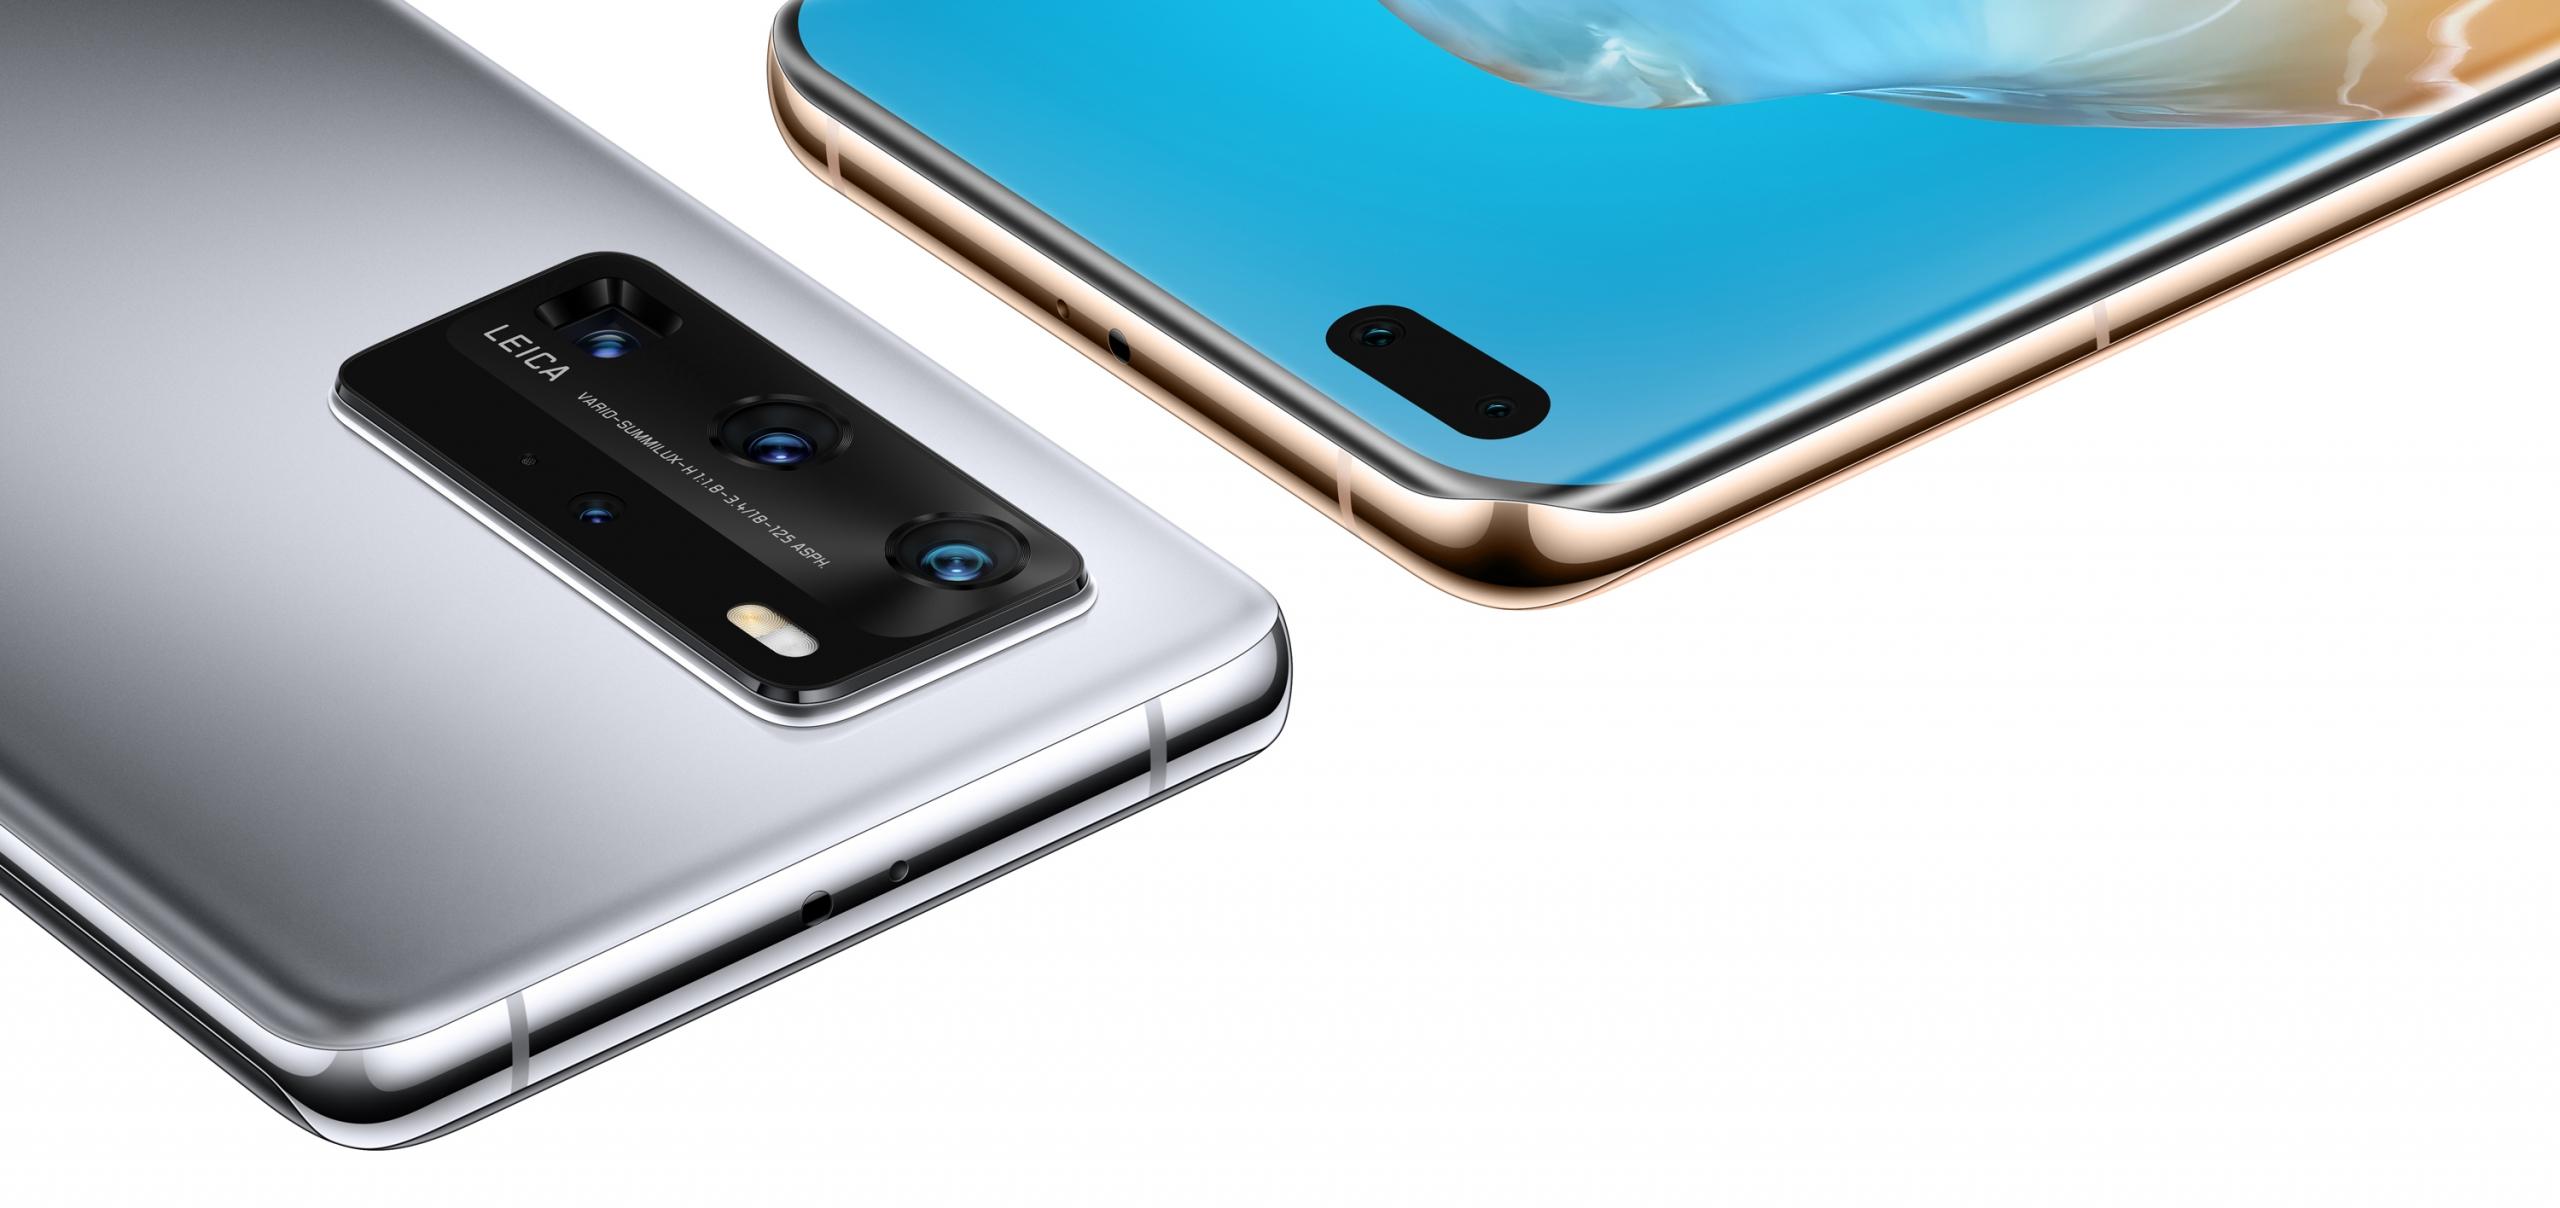 Los nuevos celulares Huawei P40 Pro y P40 lite ya están a la venta en Costa Rica – Diario Digital Nuestro País